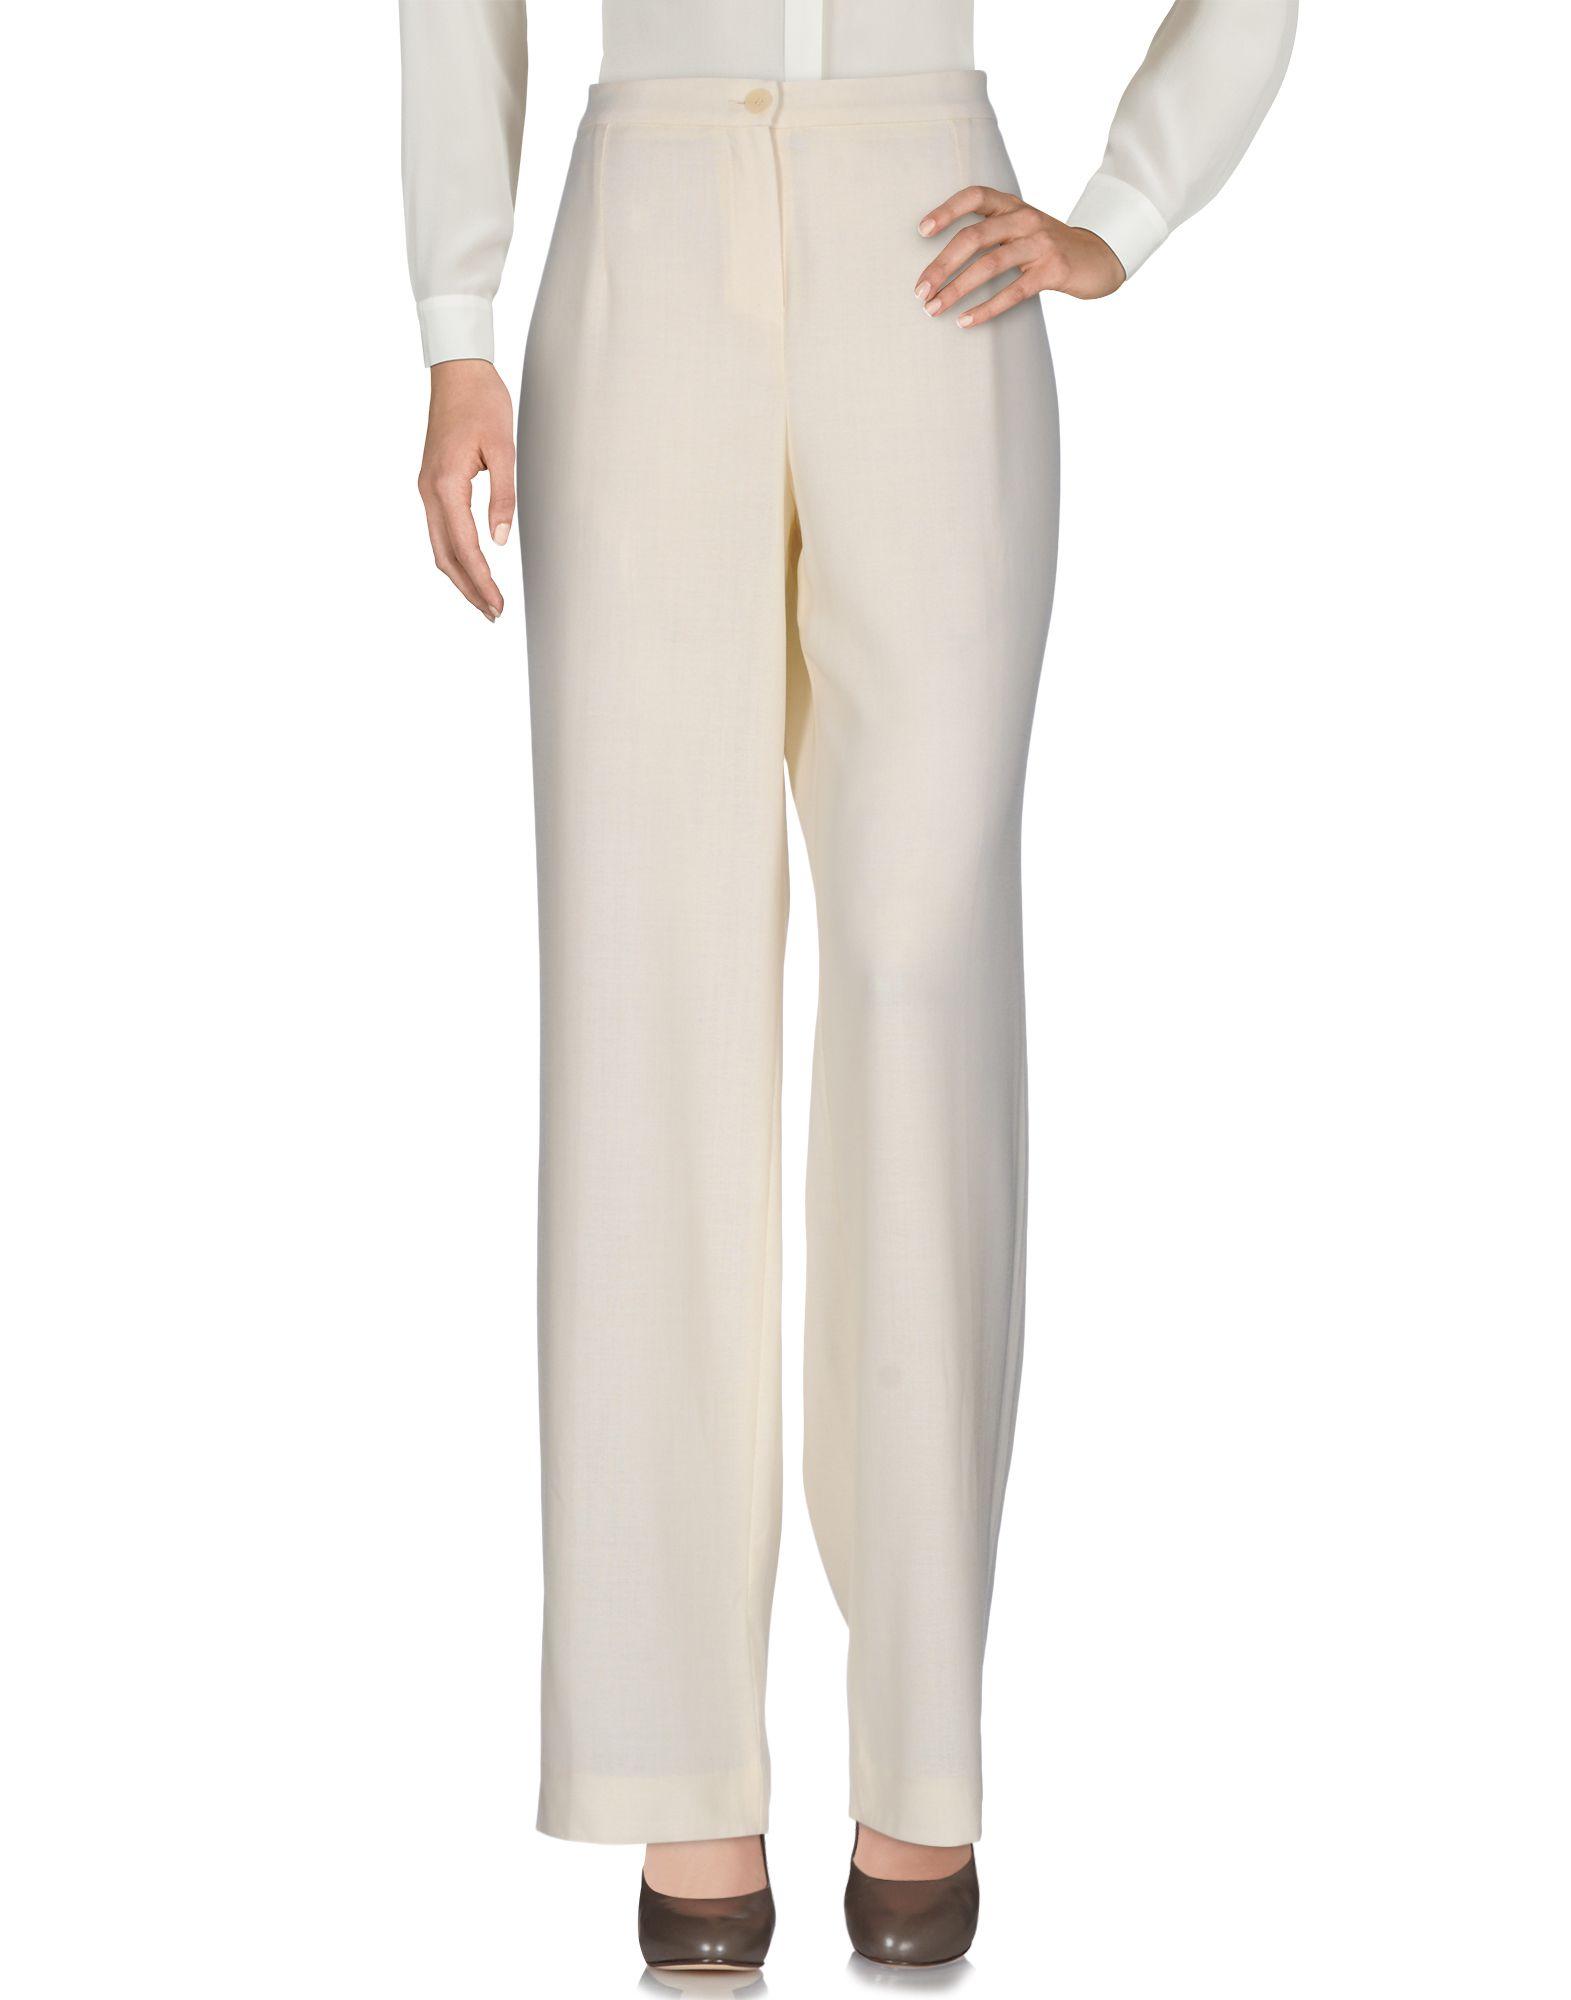 LEONARD Paris Damen Hose Farbe Beige Größe 9 - broschei